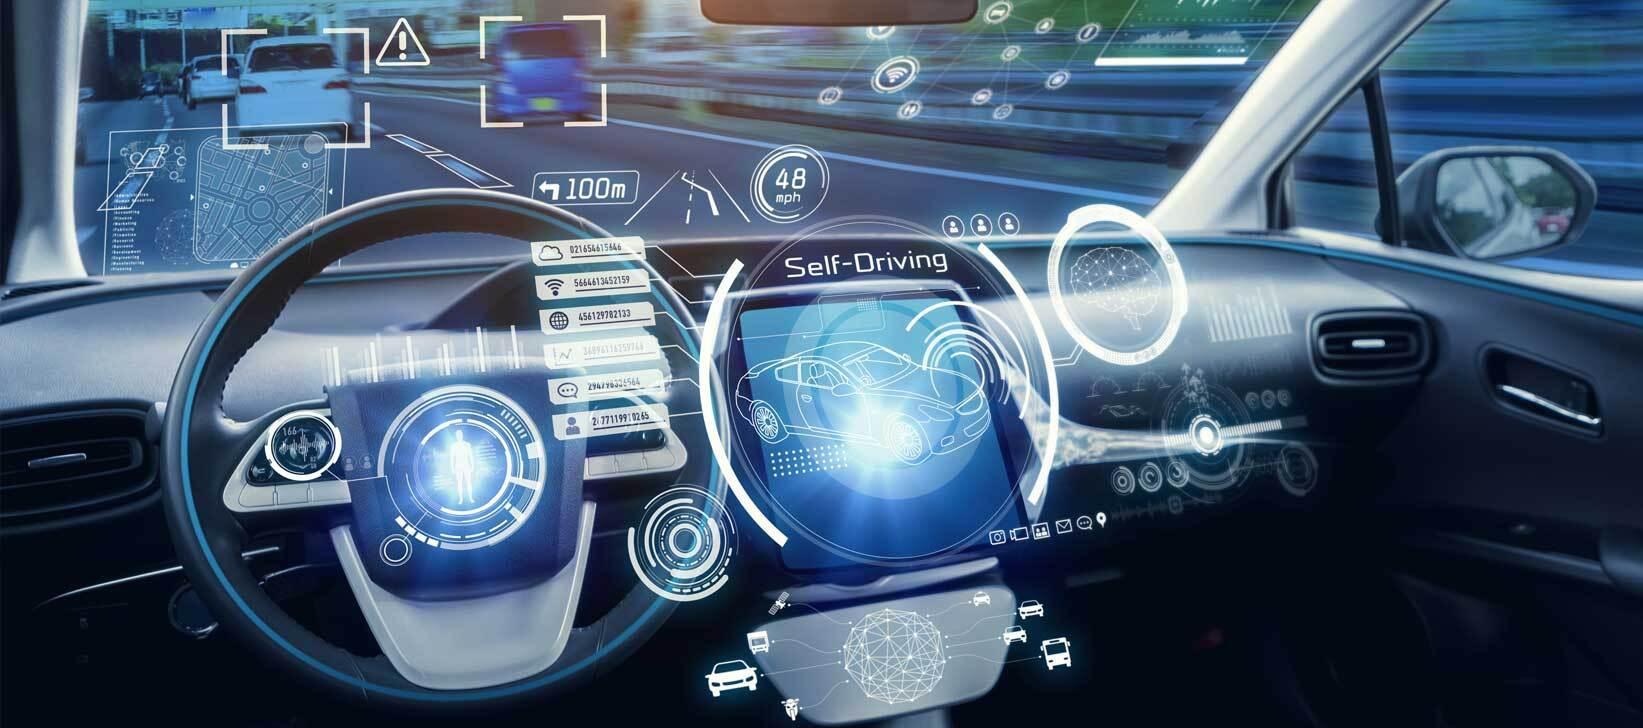 Autonomous Driving & ADAS